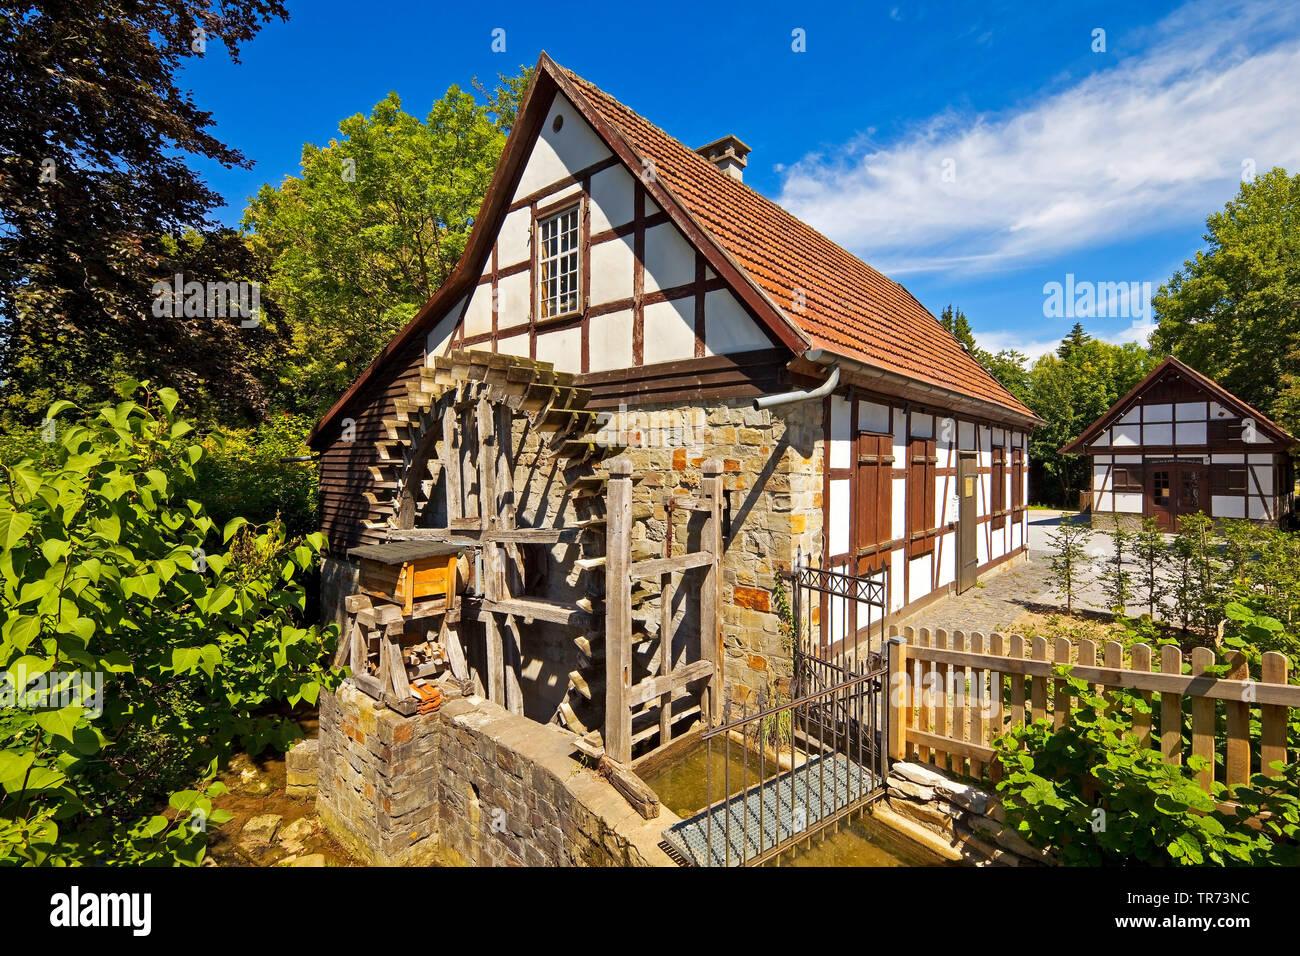 Historische Oelmuehle, Deutschland, Nordrhein-Westfalen, Ostwestfalen, Salzkotten | historic oil mill , Germany, North Rhine-Westphalia, East Westphal - Stock Image